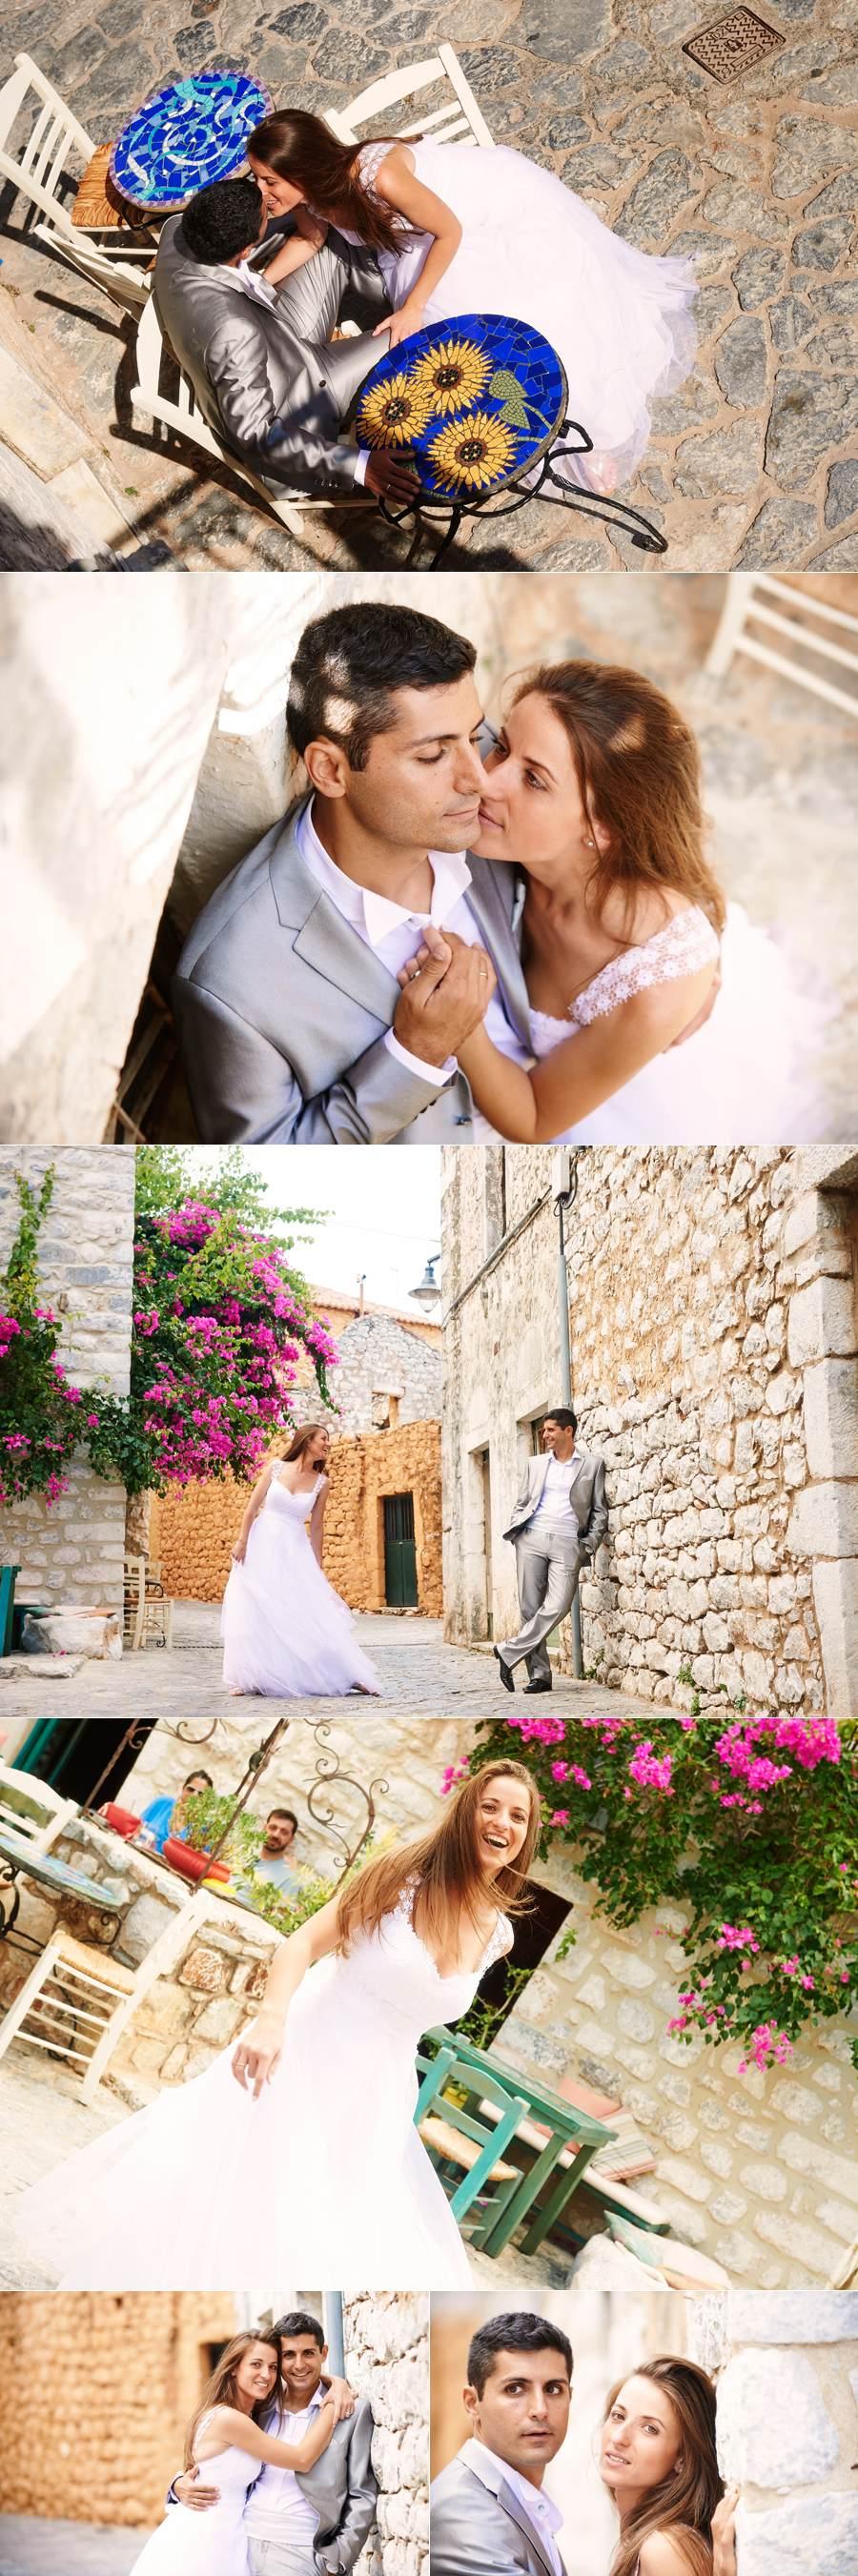 Nikos Anastasia wedding photos_0024